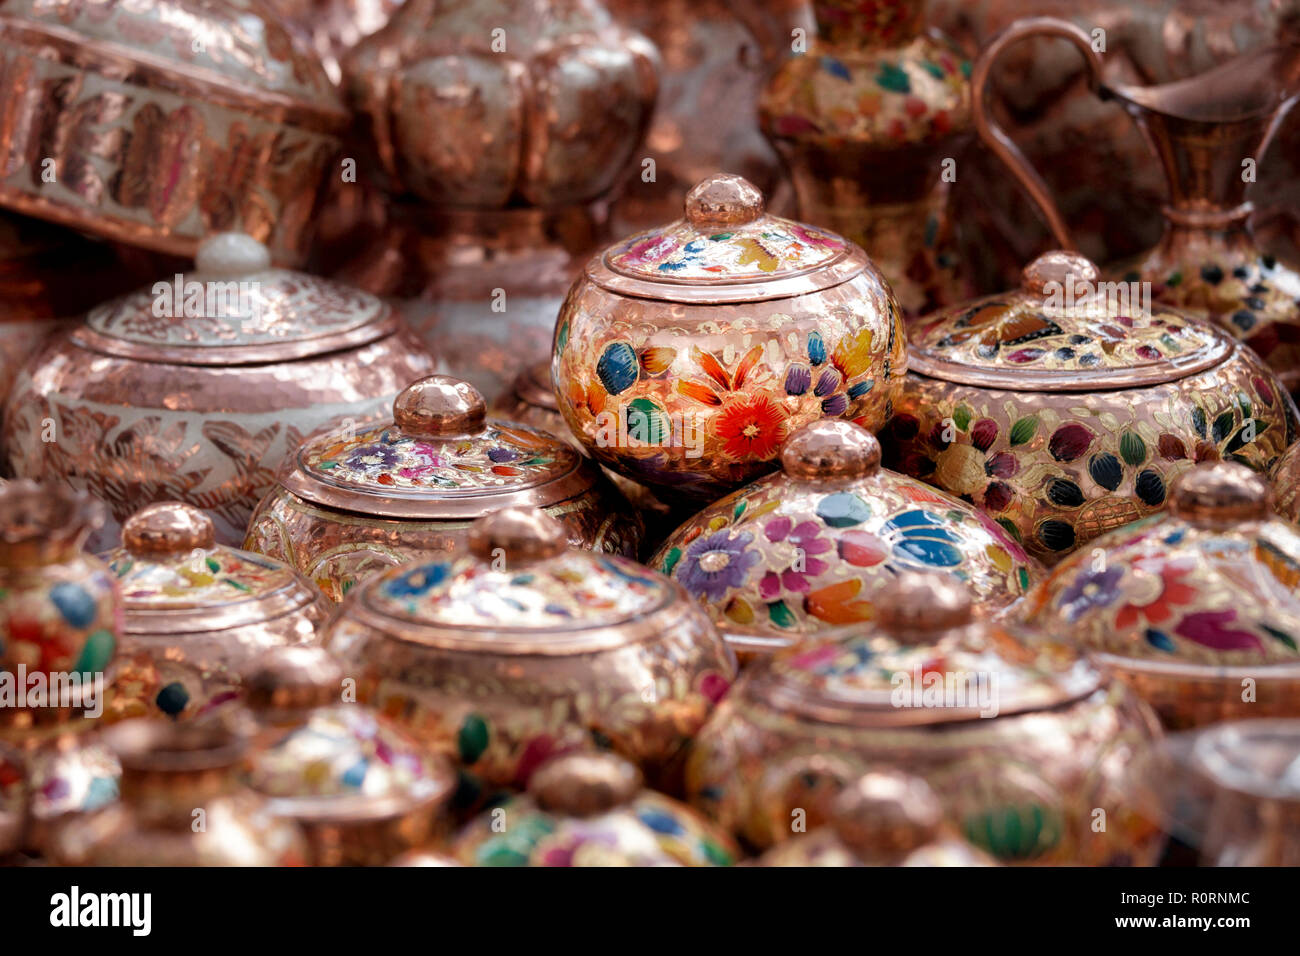 Hand painted copper pots at a market in Santa Clara del Cobre, Michoacan, Mexico. - Stock Image